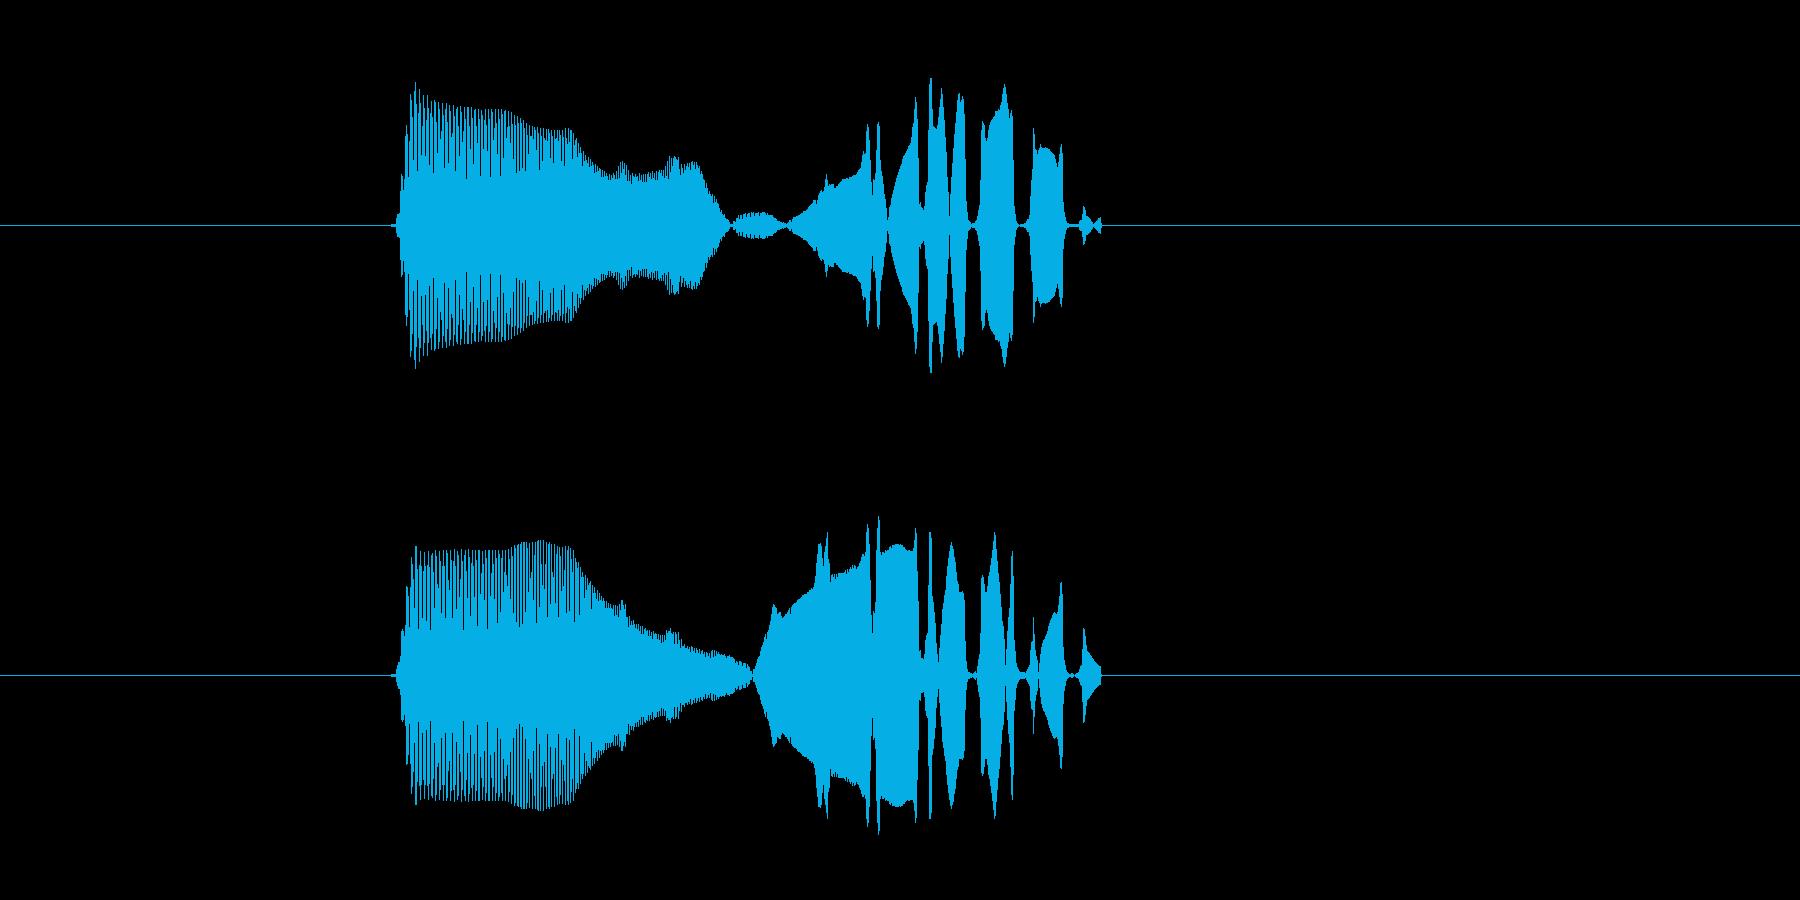 ミュルルルルル!電子音の再生済みの波形